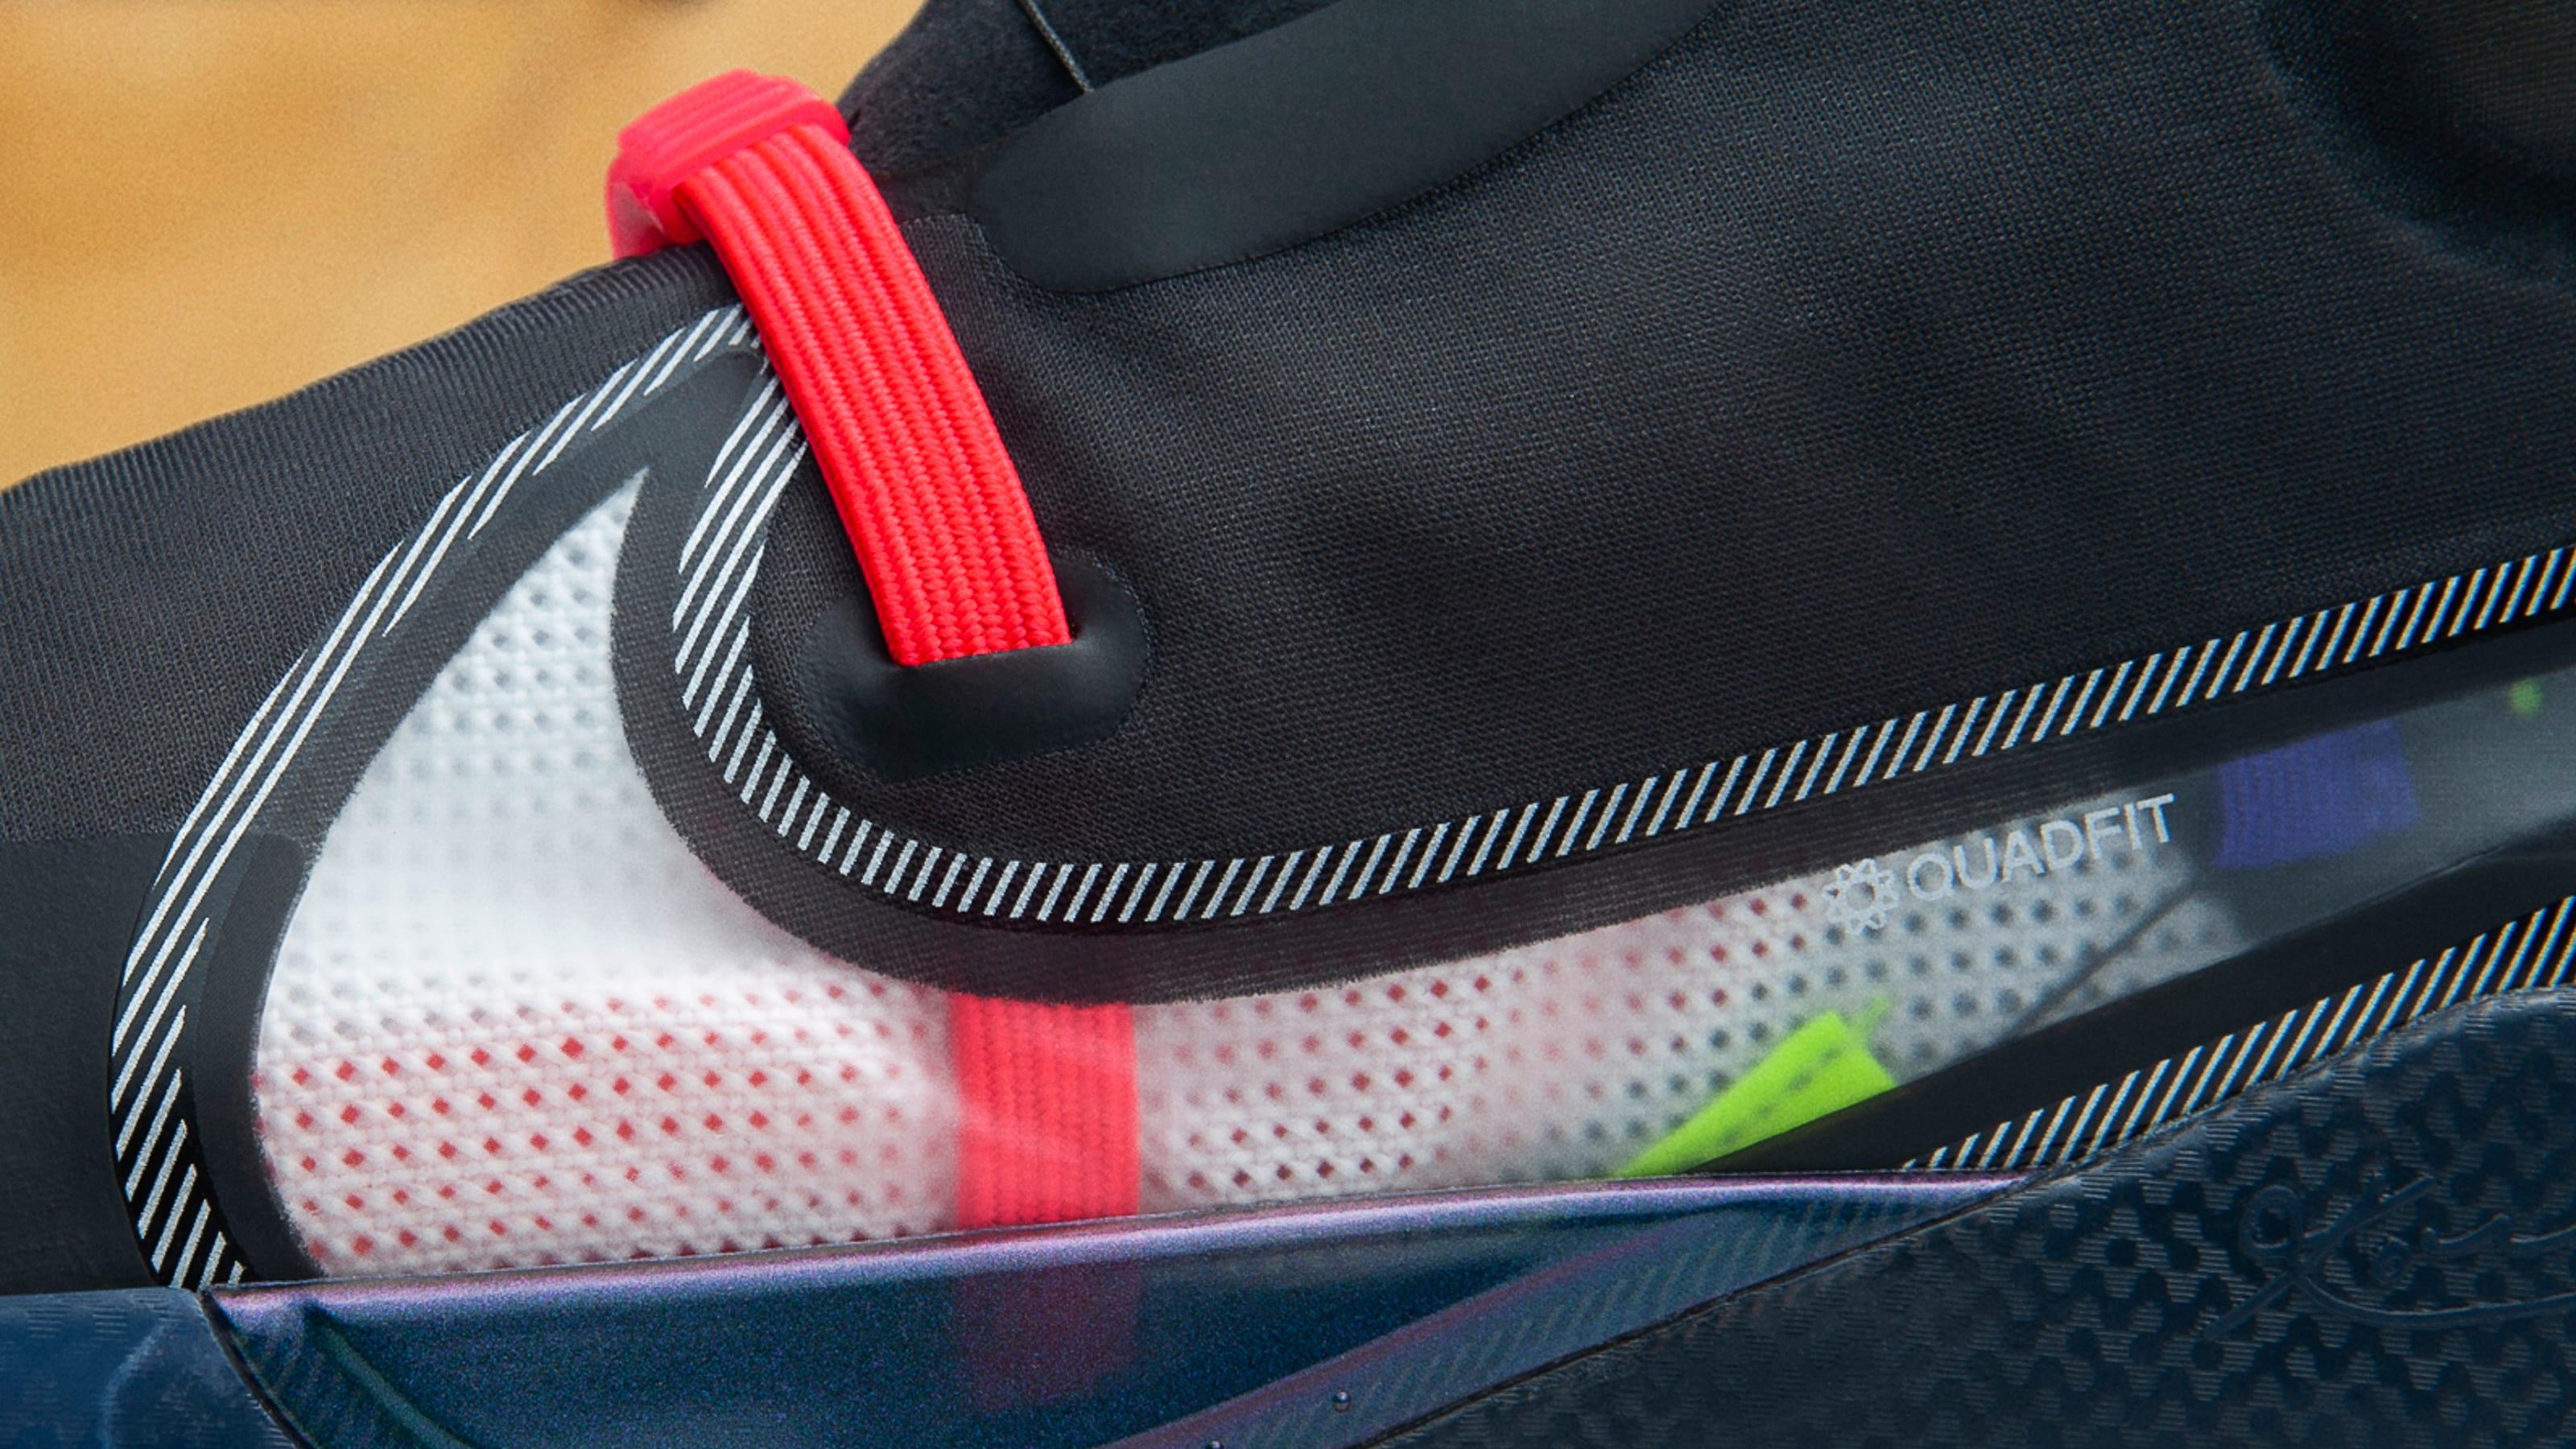 Nike Kobe AD NXT Swoosh